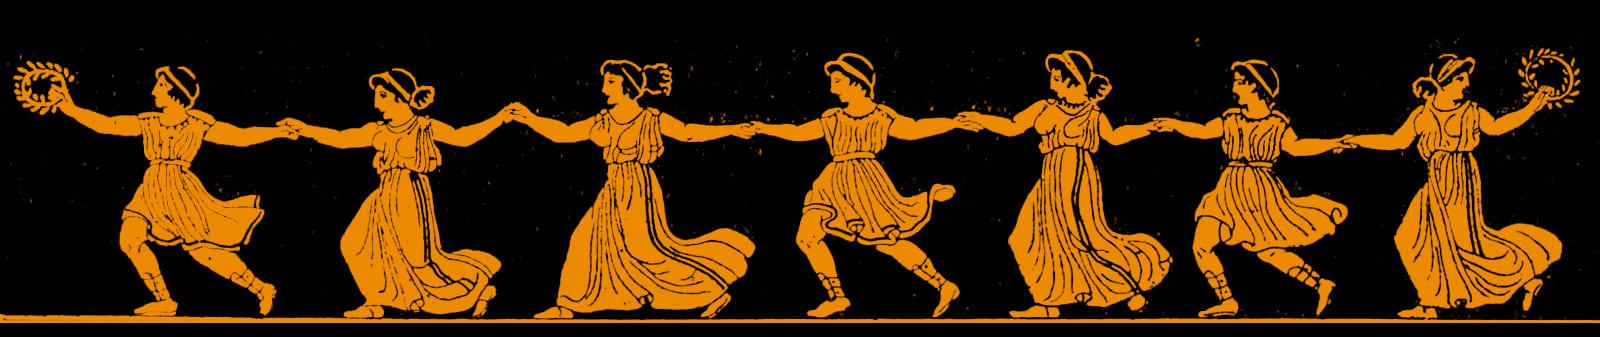 фигуры в танце.